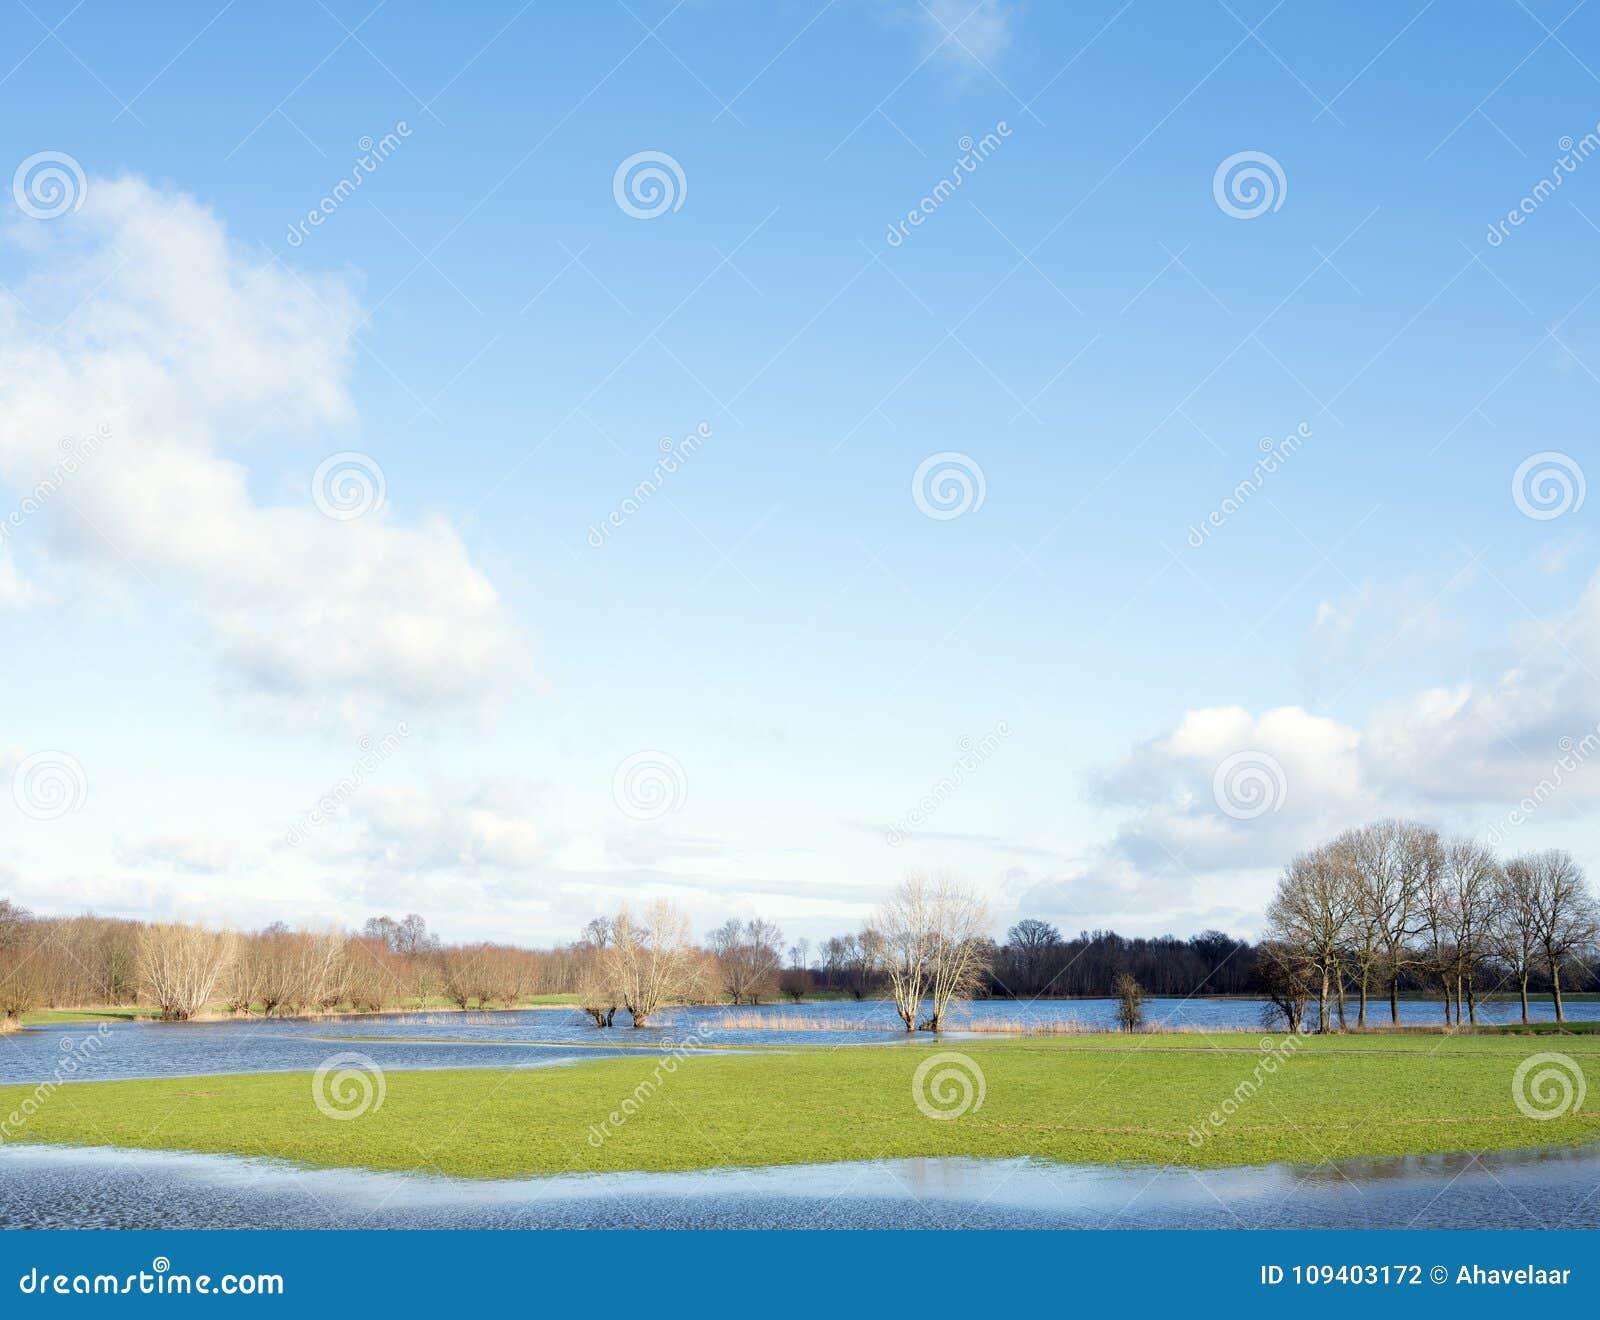 Tereny zalewowy rzeczny ijssel blisko Zalk między Kampen i Zwolle w holandiach